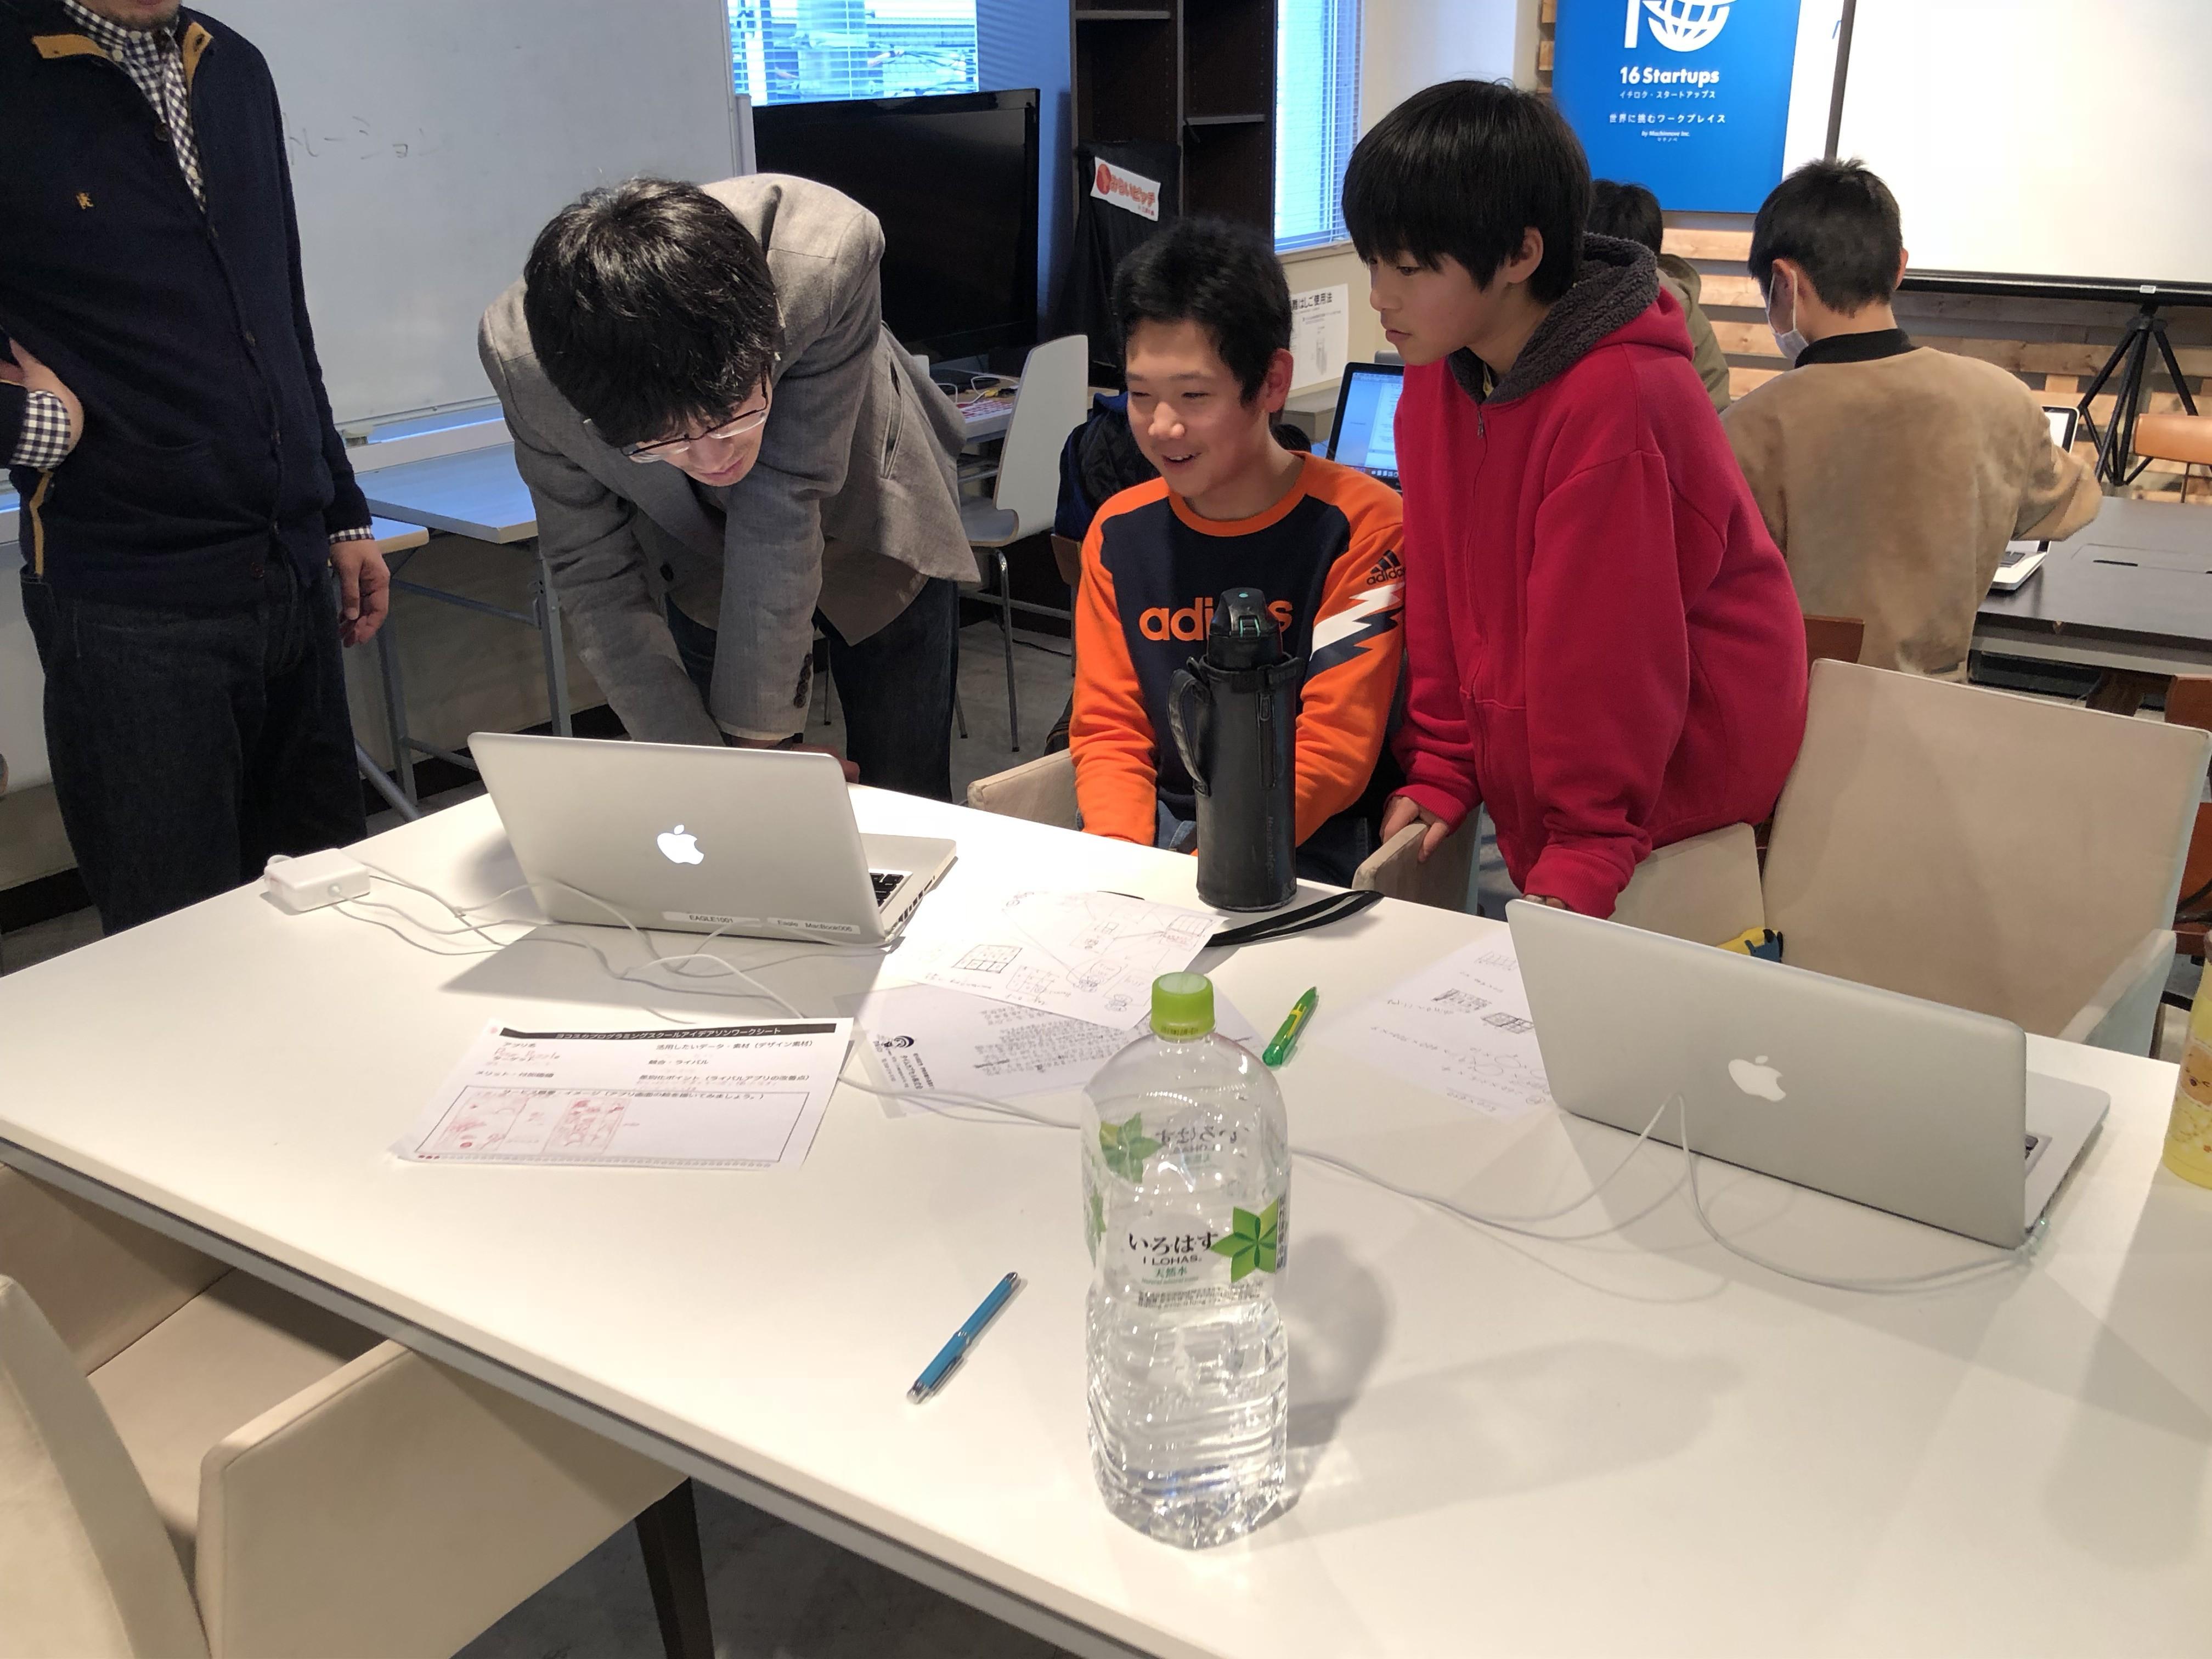 ヨコスカプログラミングスクールDAY6を開講しました!